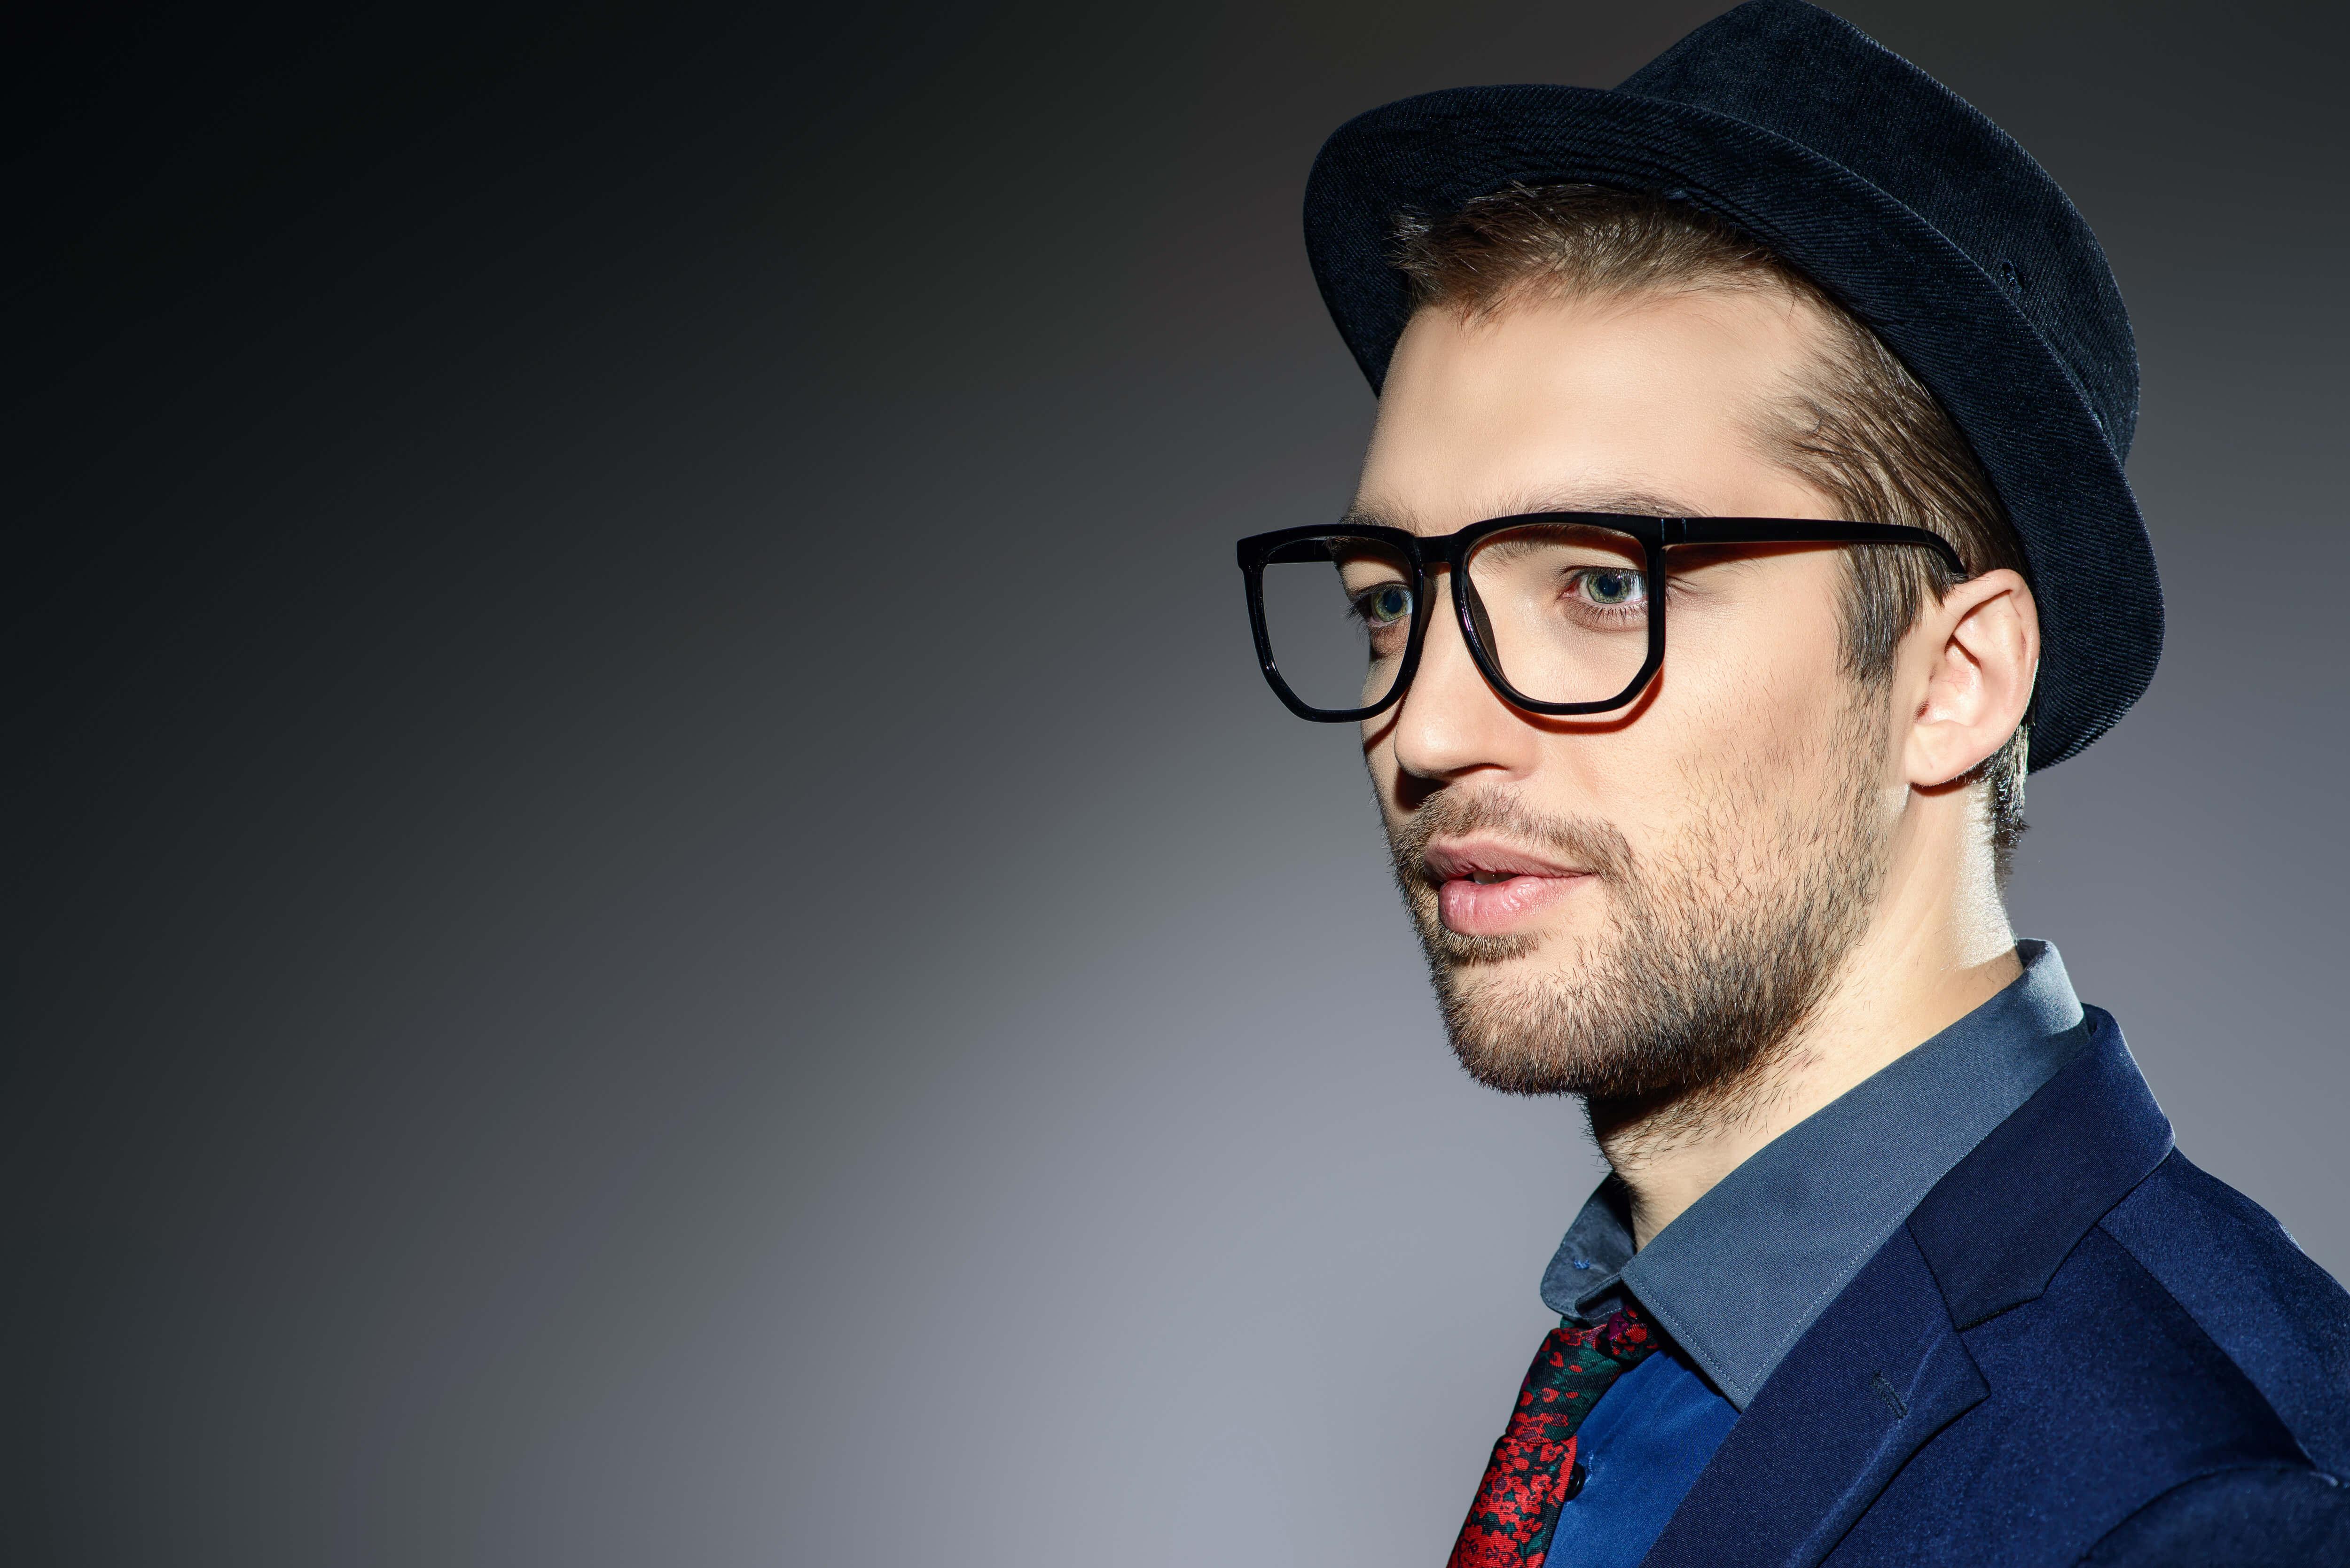 帽子と眼鏡の男性